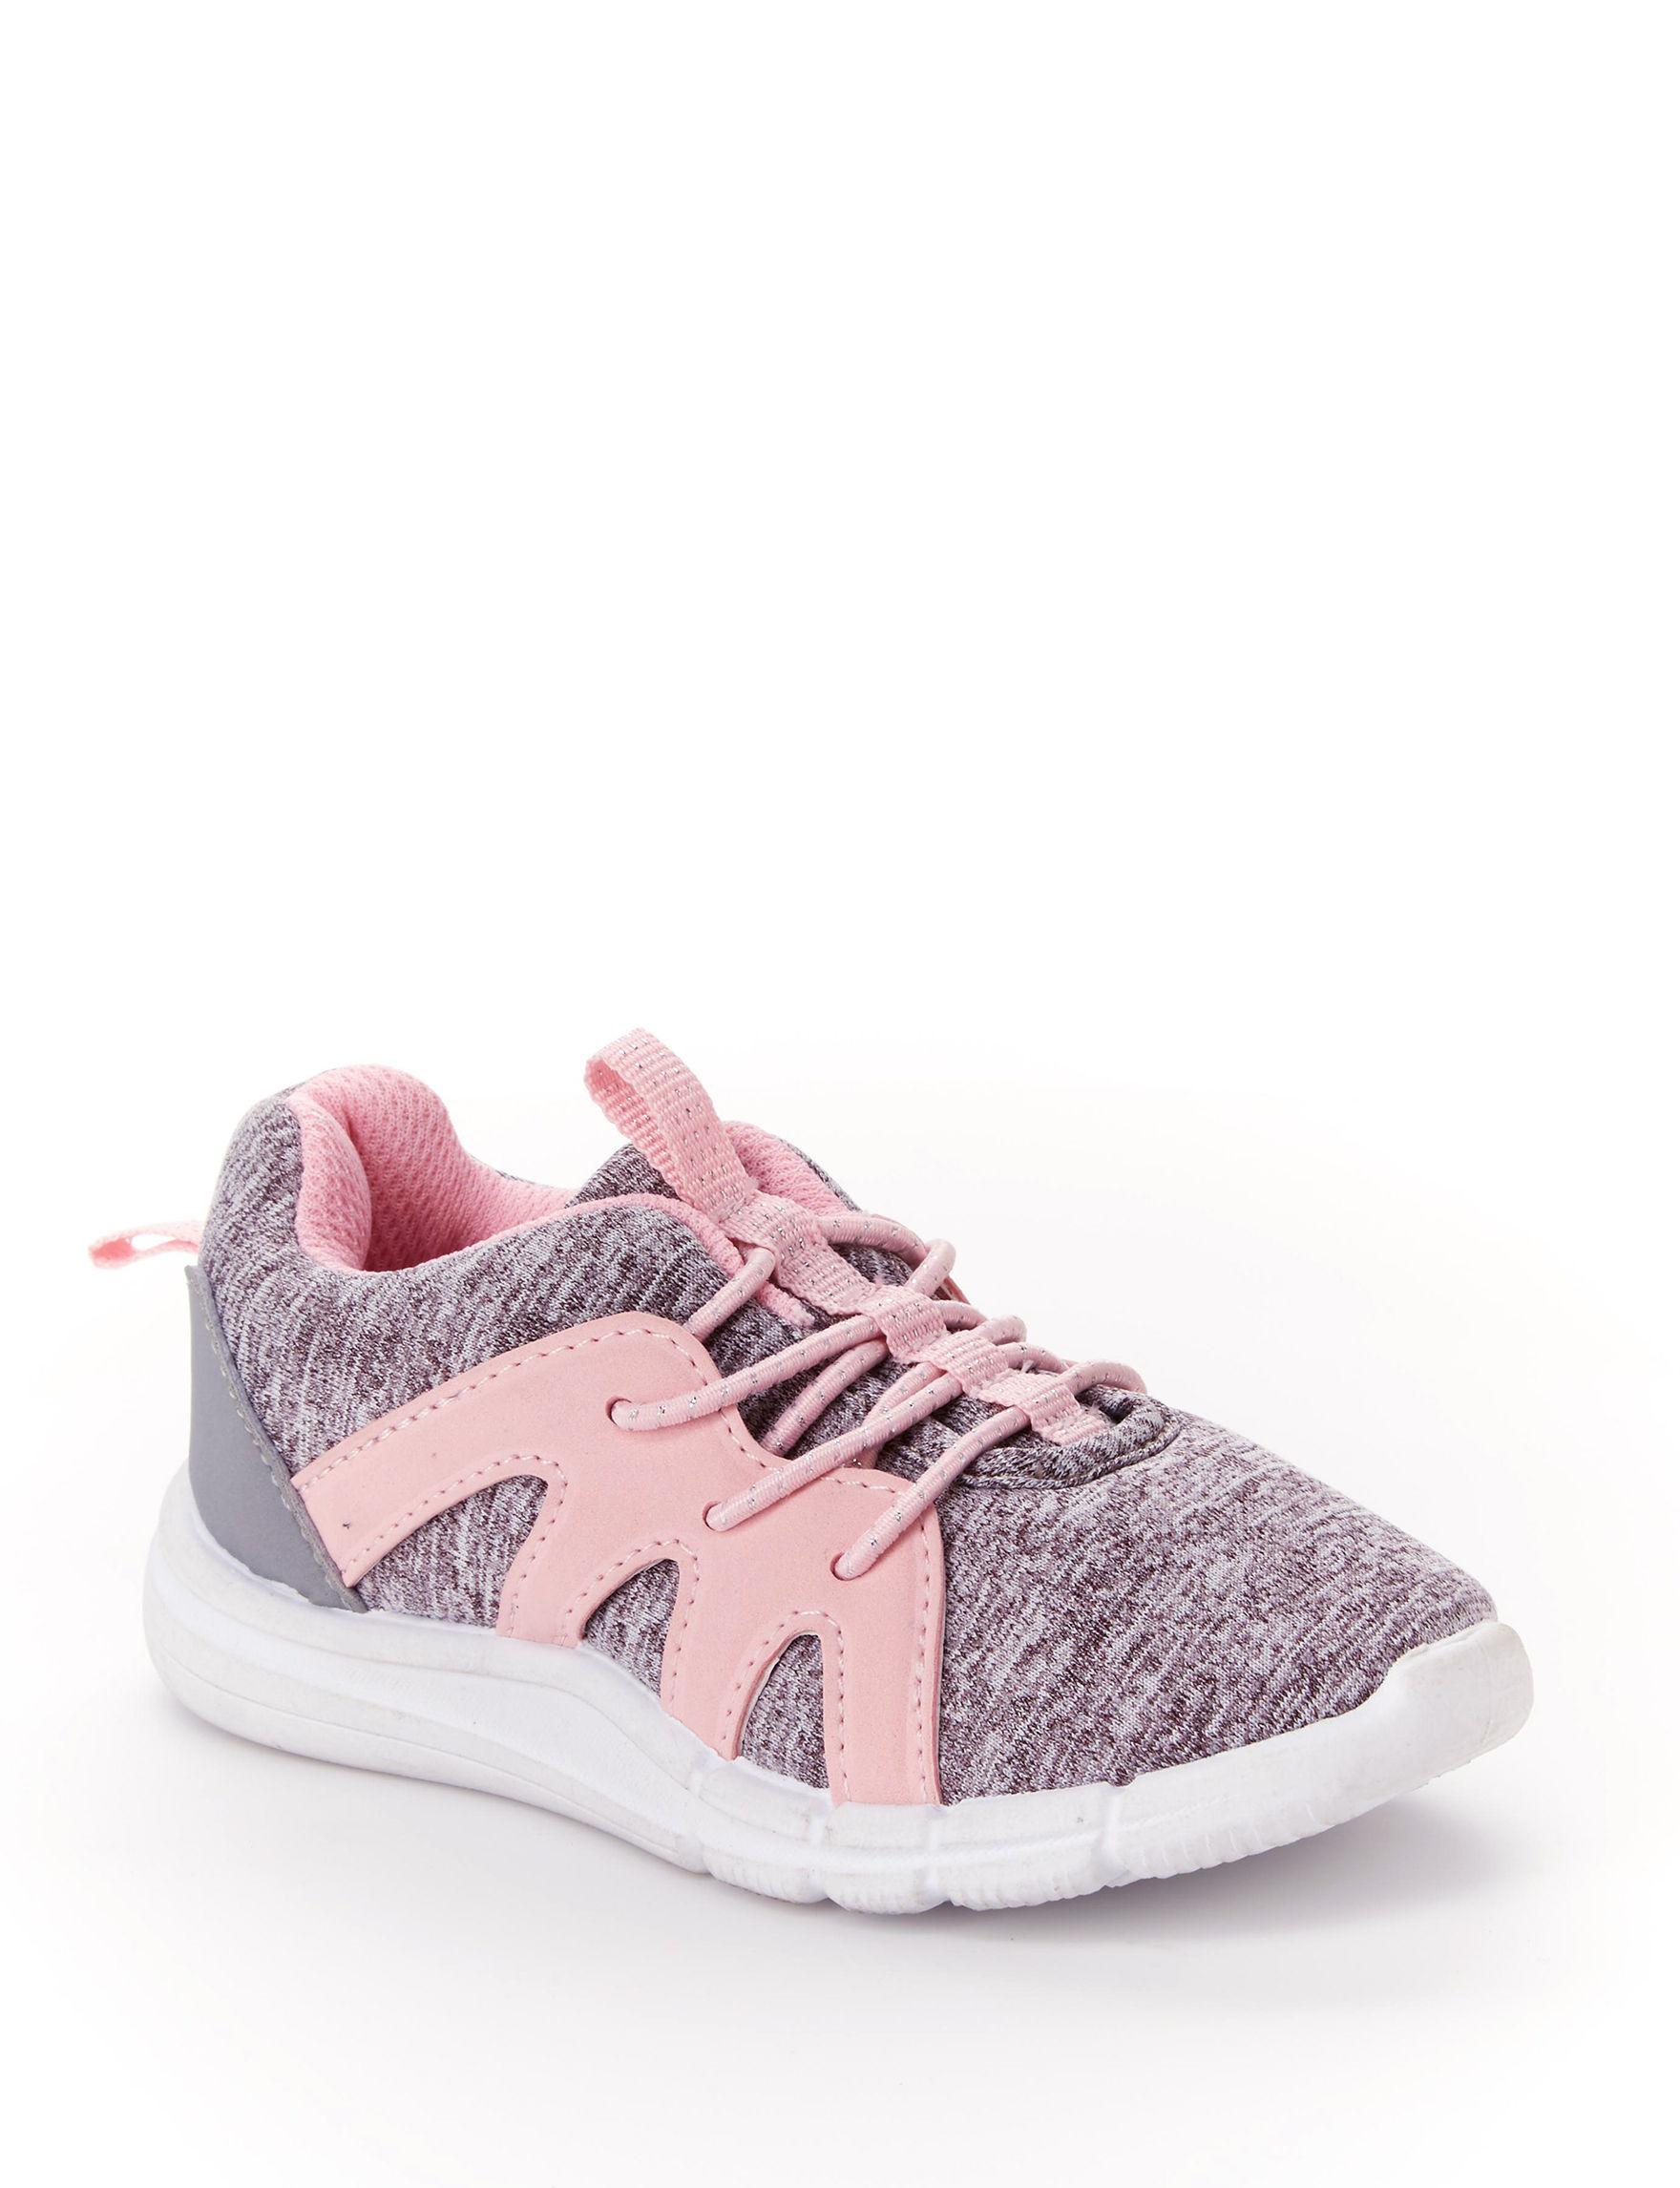 Oshkosh B'Gosh Grey / Pink